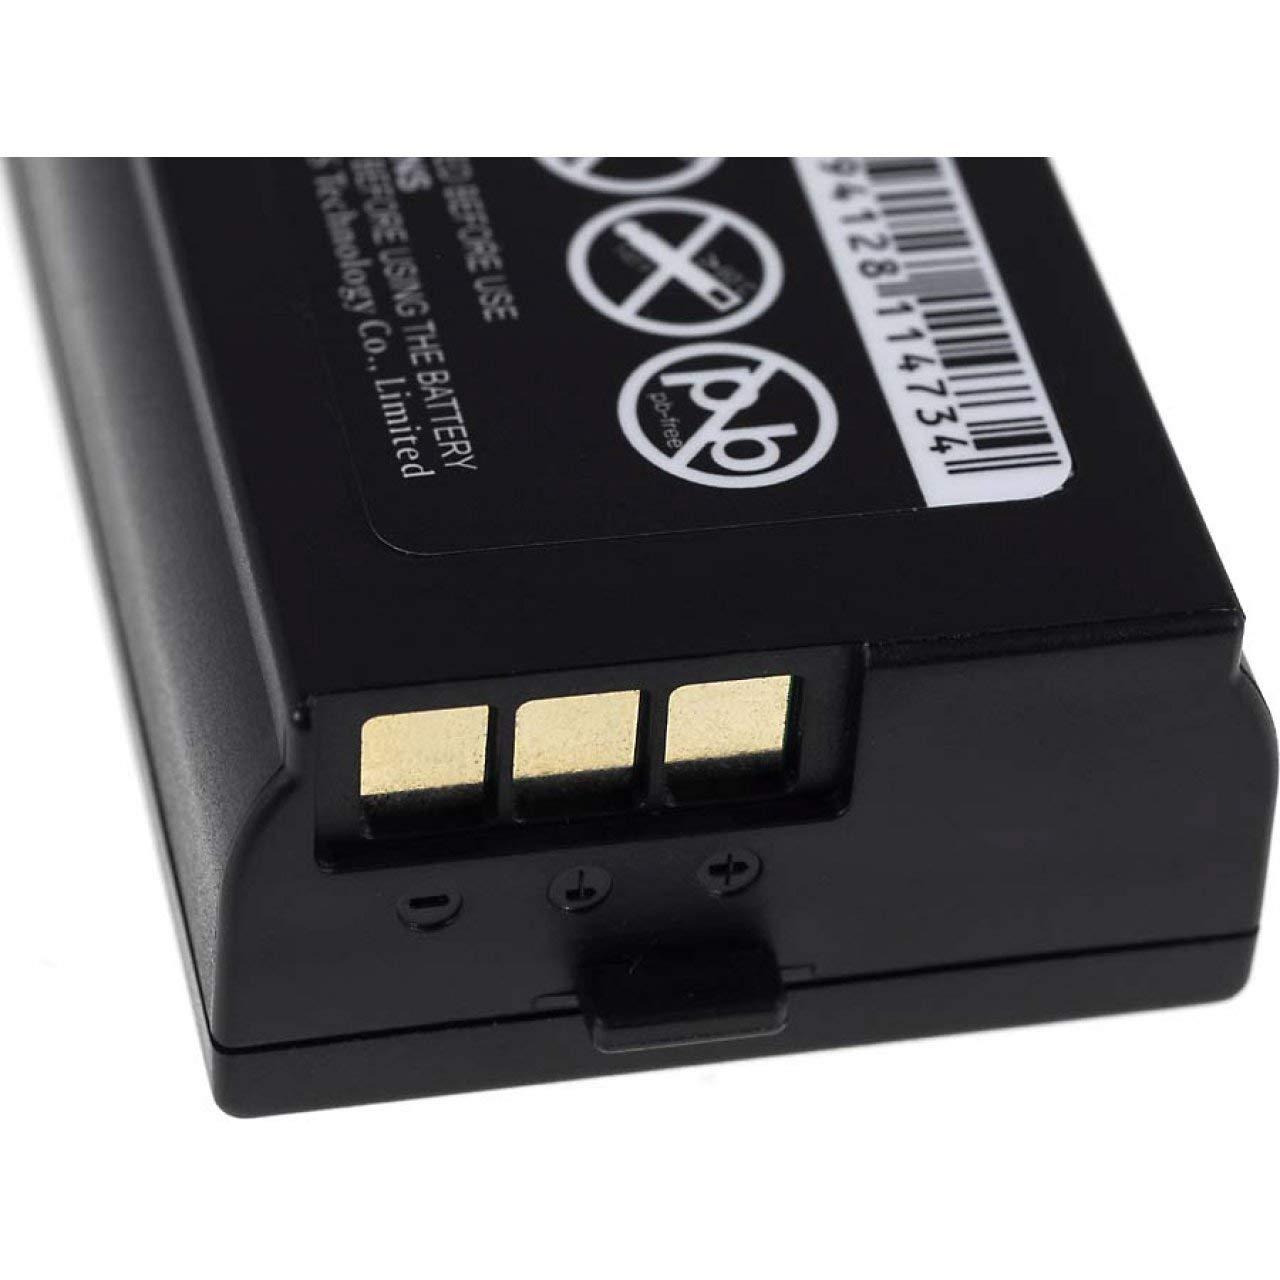 Batería para Impresora Brother Modelo BA-E001: Amazon.es: Electrónica